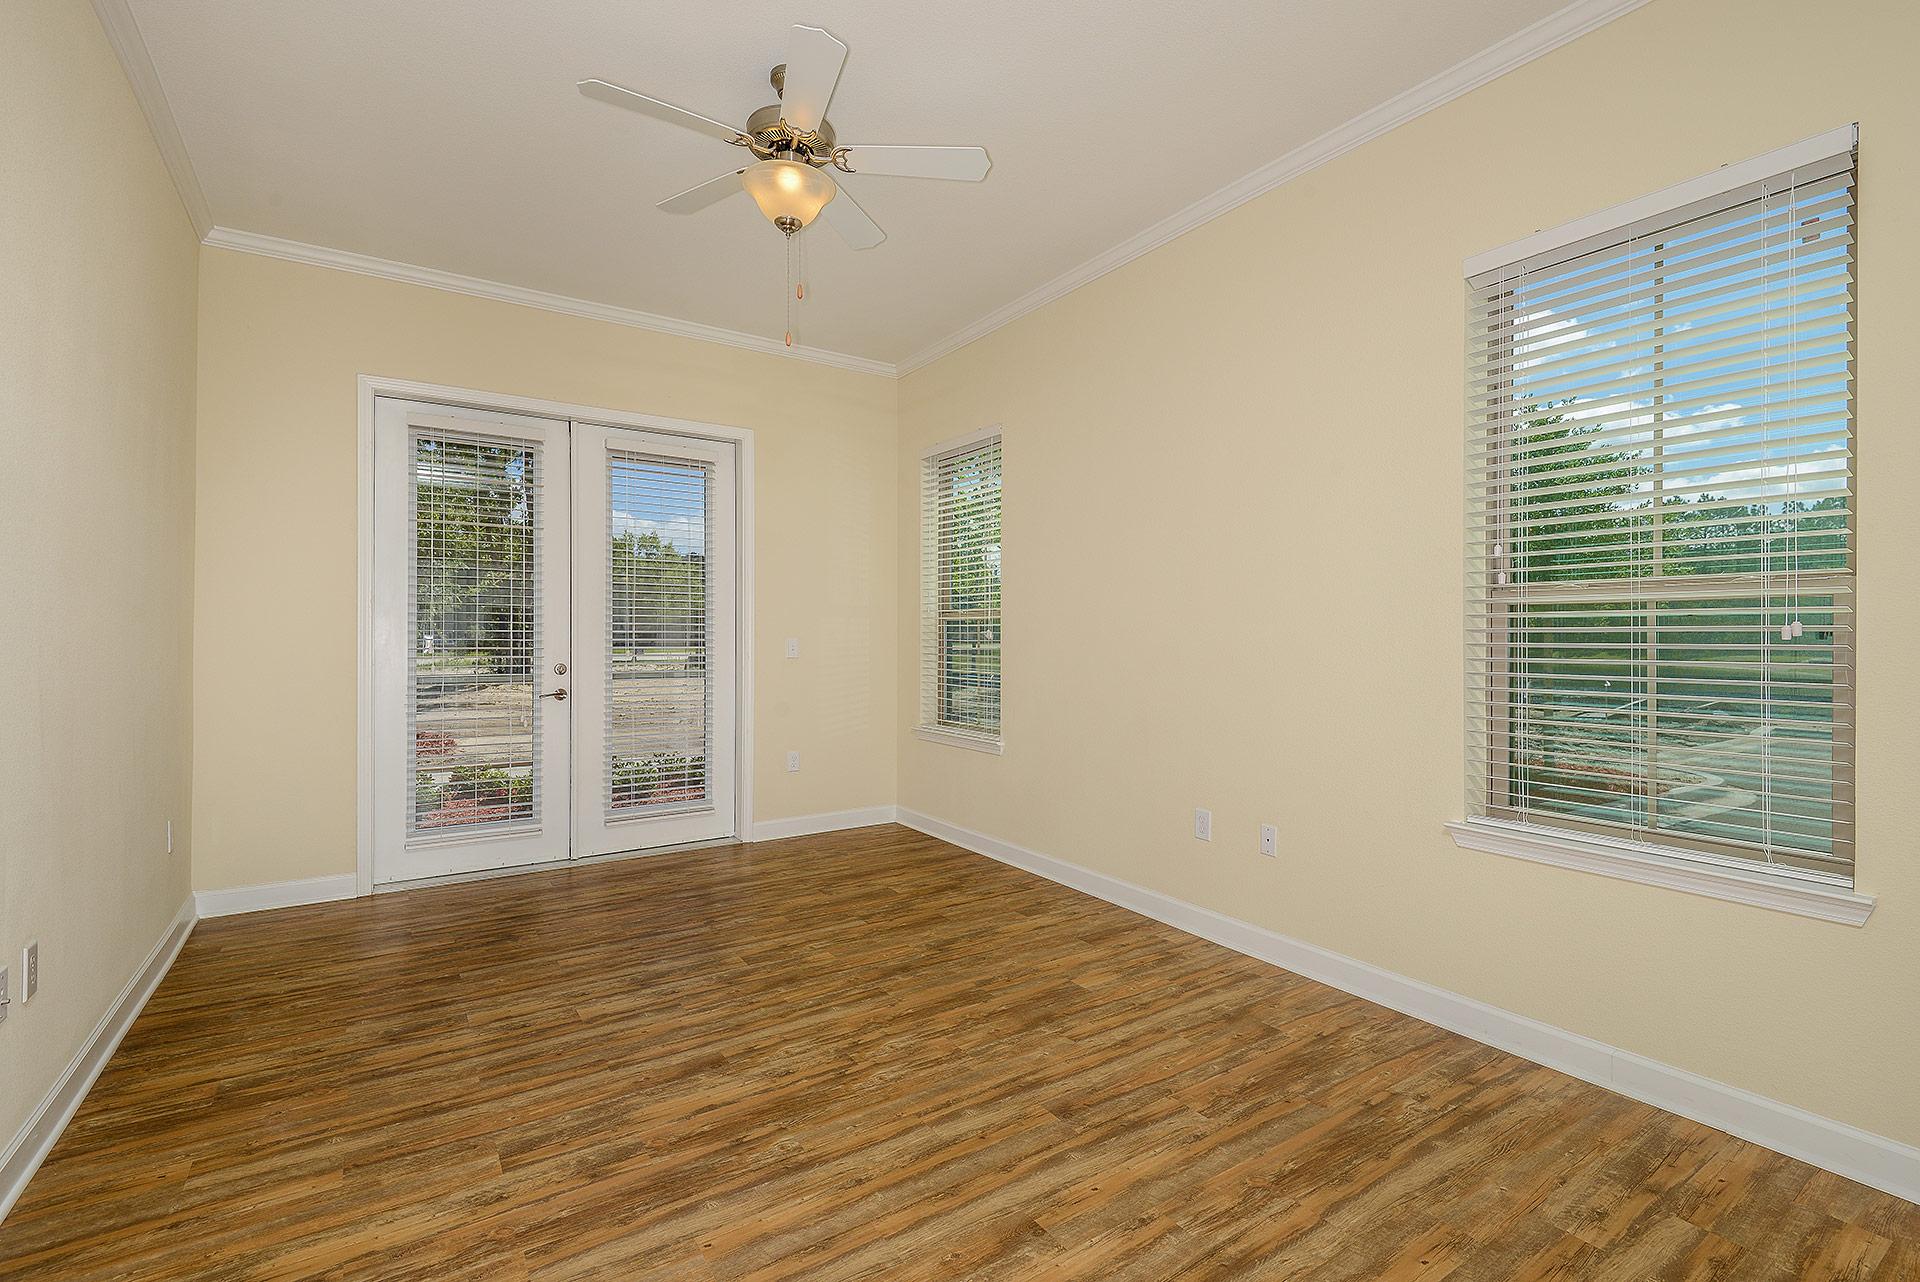 Wooden floor living room in unit